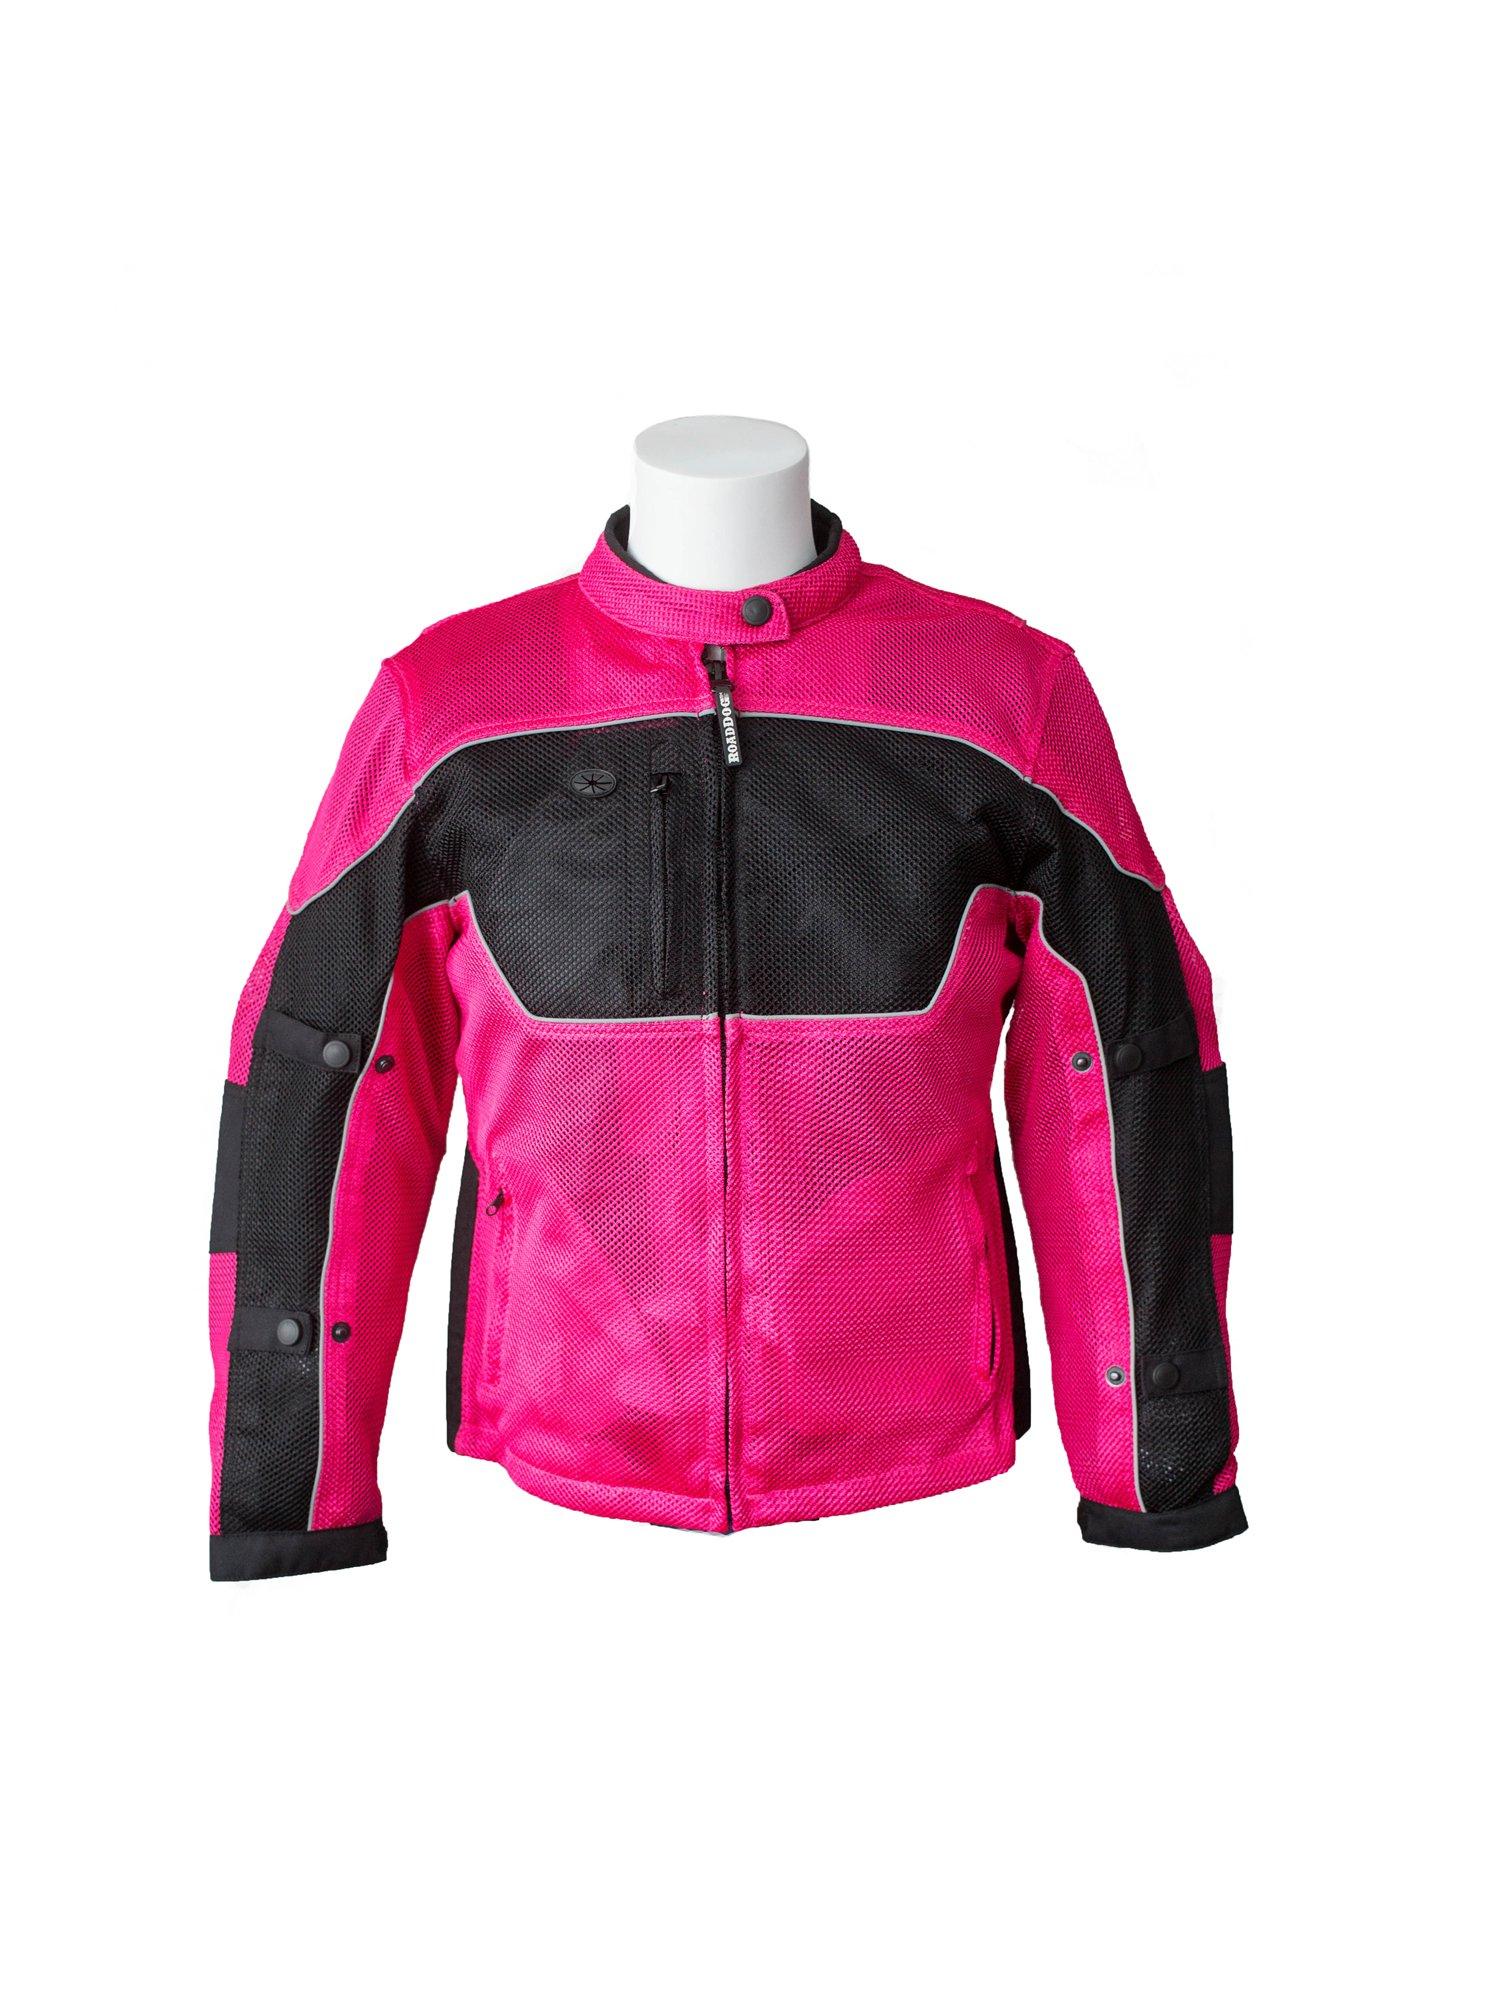 RoadDog Hurricane Mesh Motorcycle Riding Jacket Pink Women's Medium